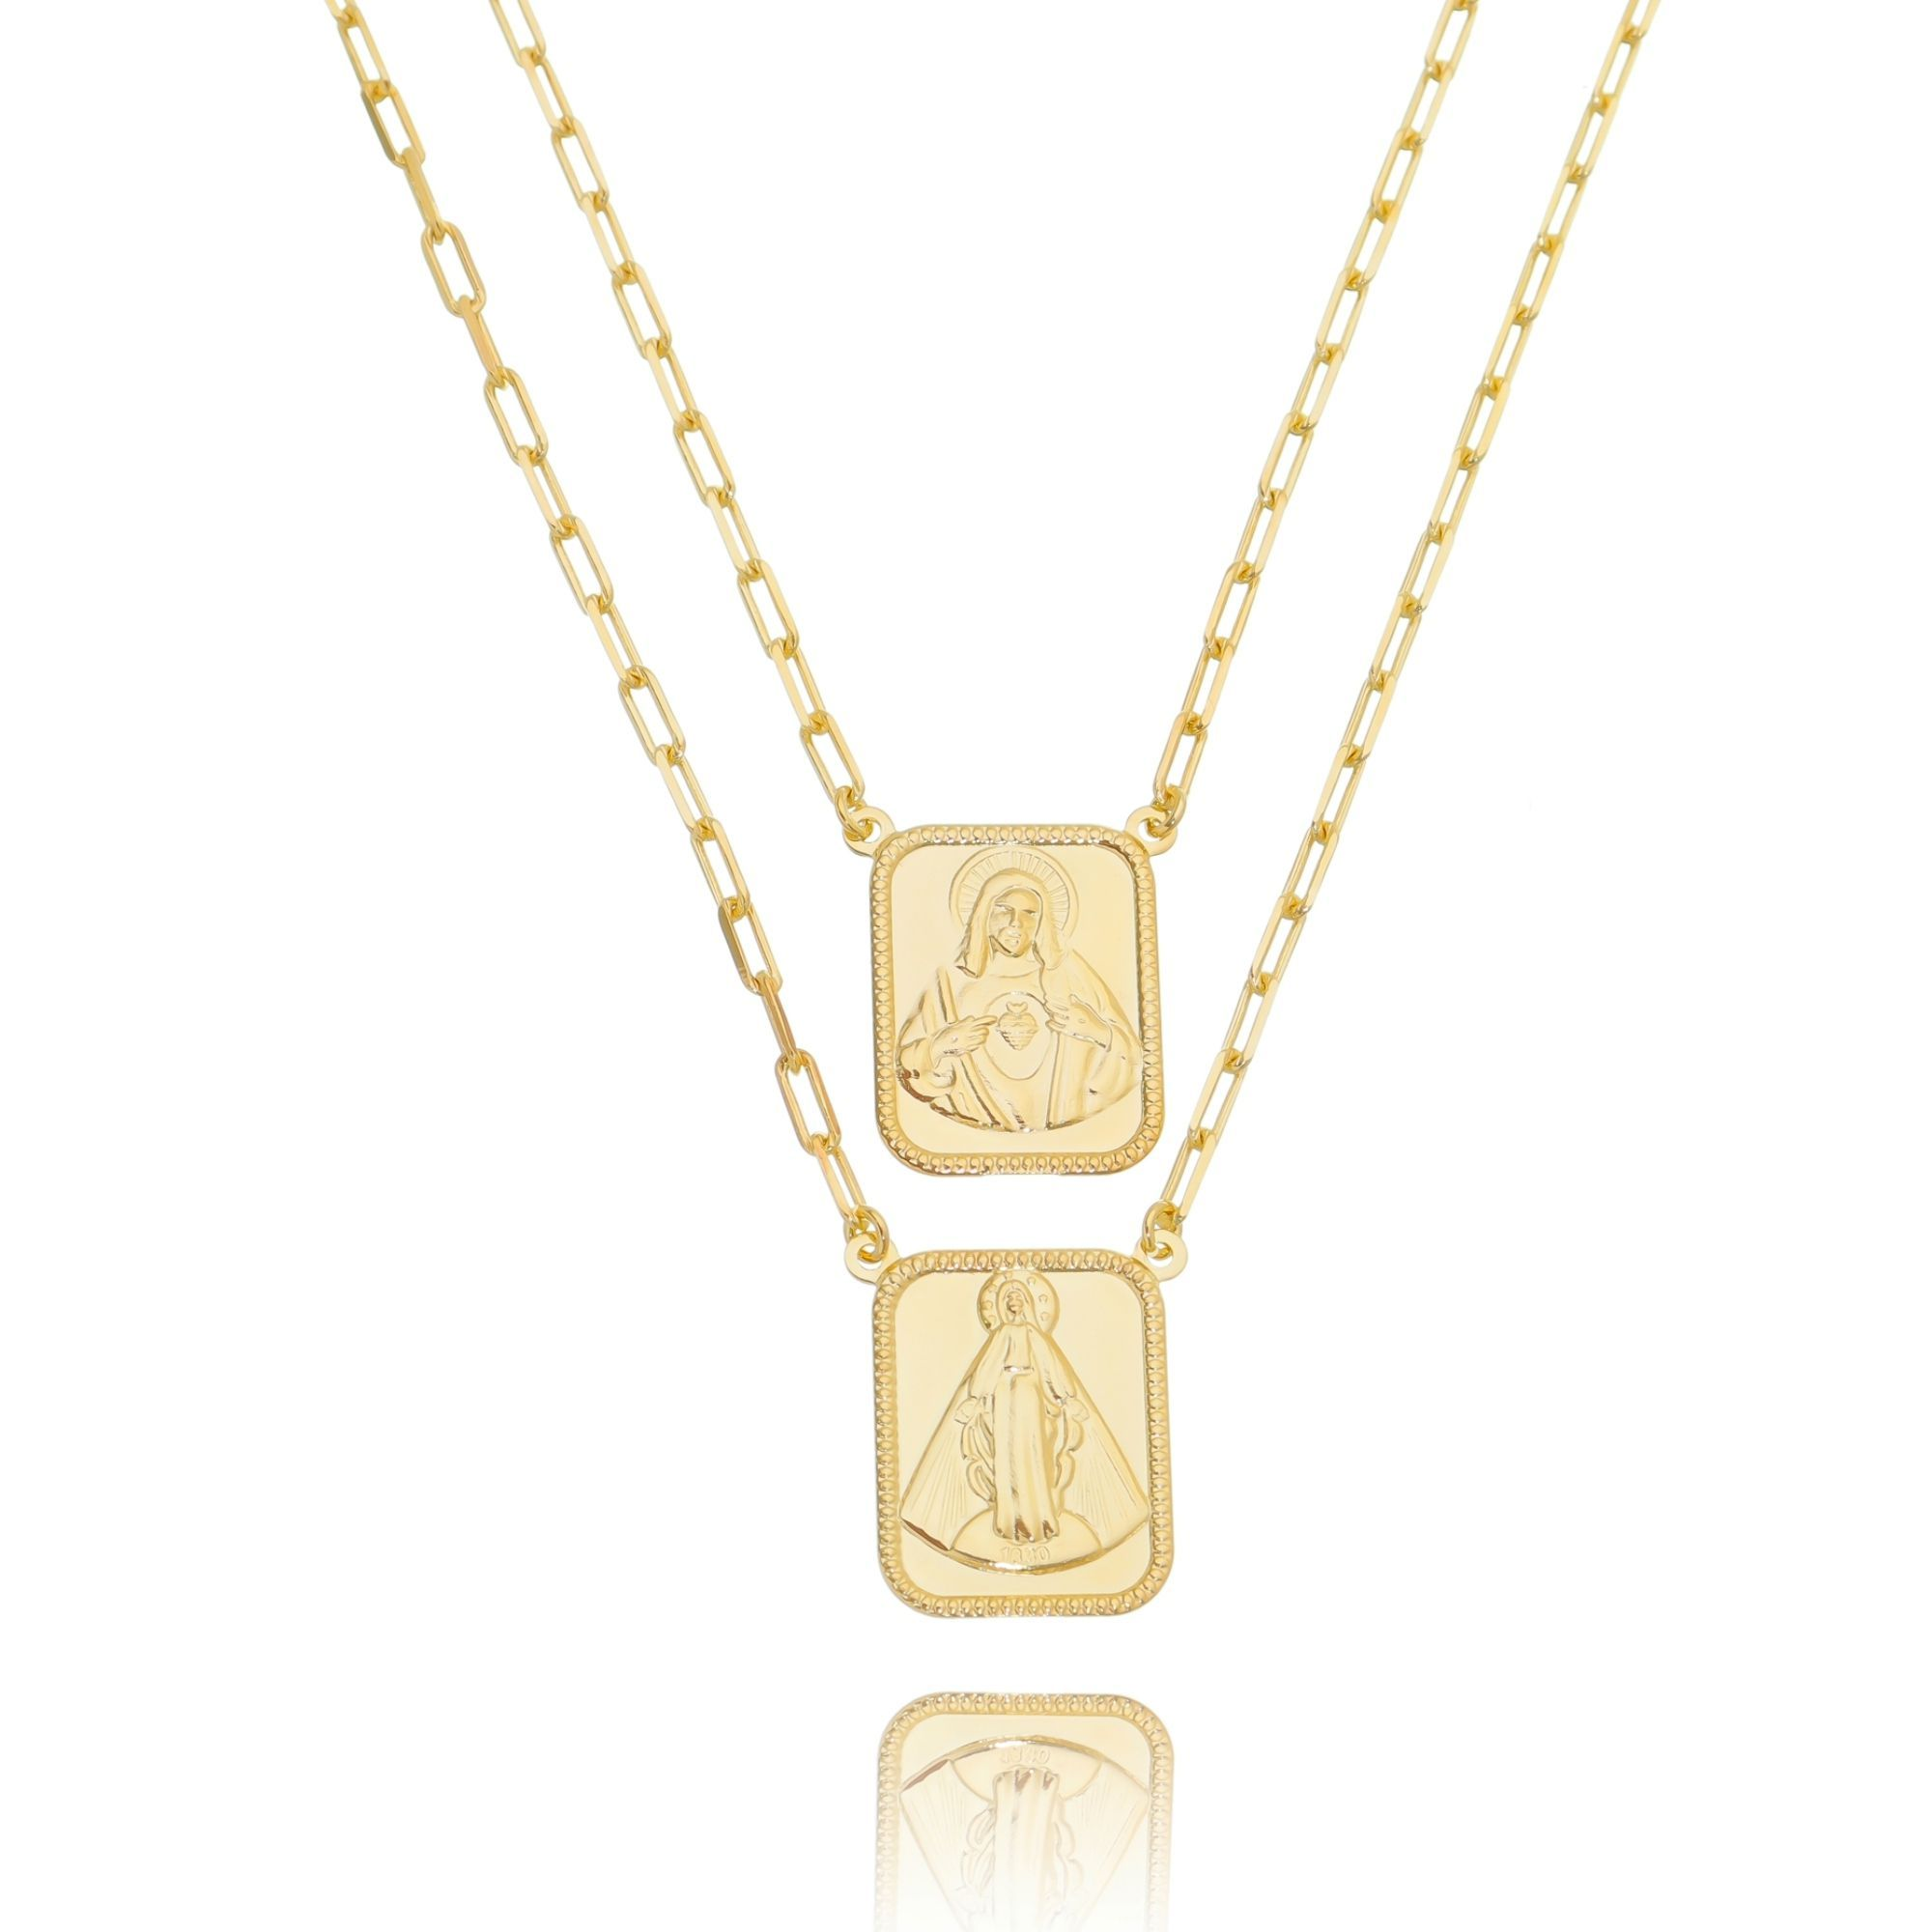 Maxi Escapulário Dourado Karola Corrente Cartier Elos Semijoia Ouro. Compre  agora em até 5x sem 71db9429c3